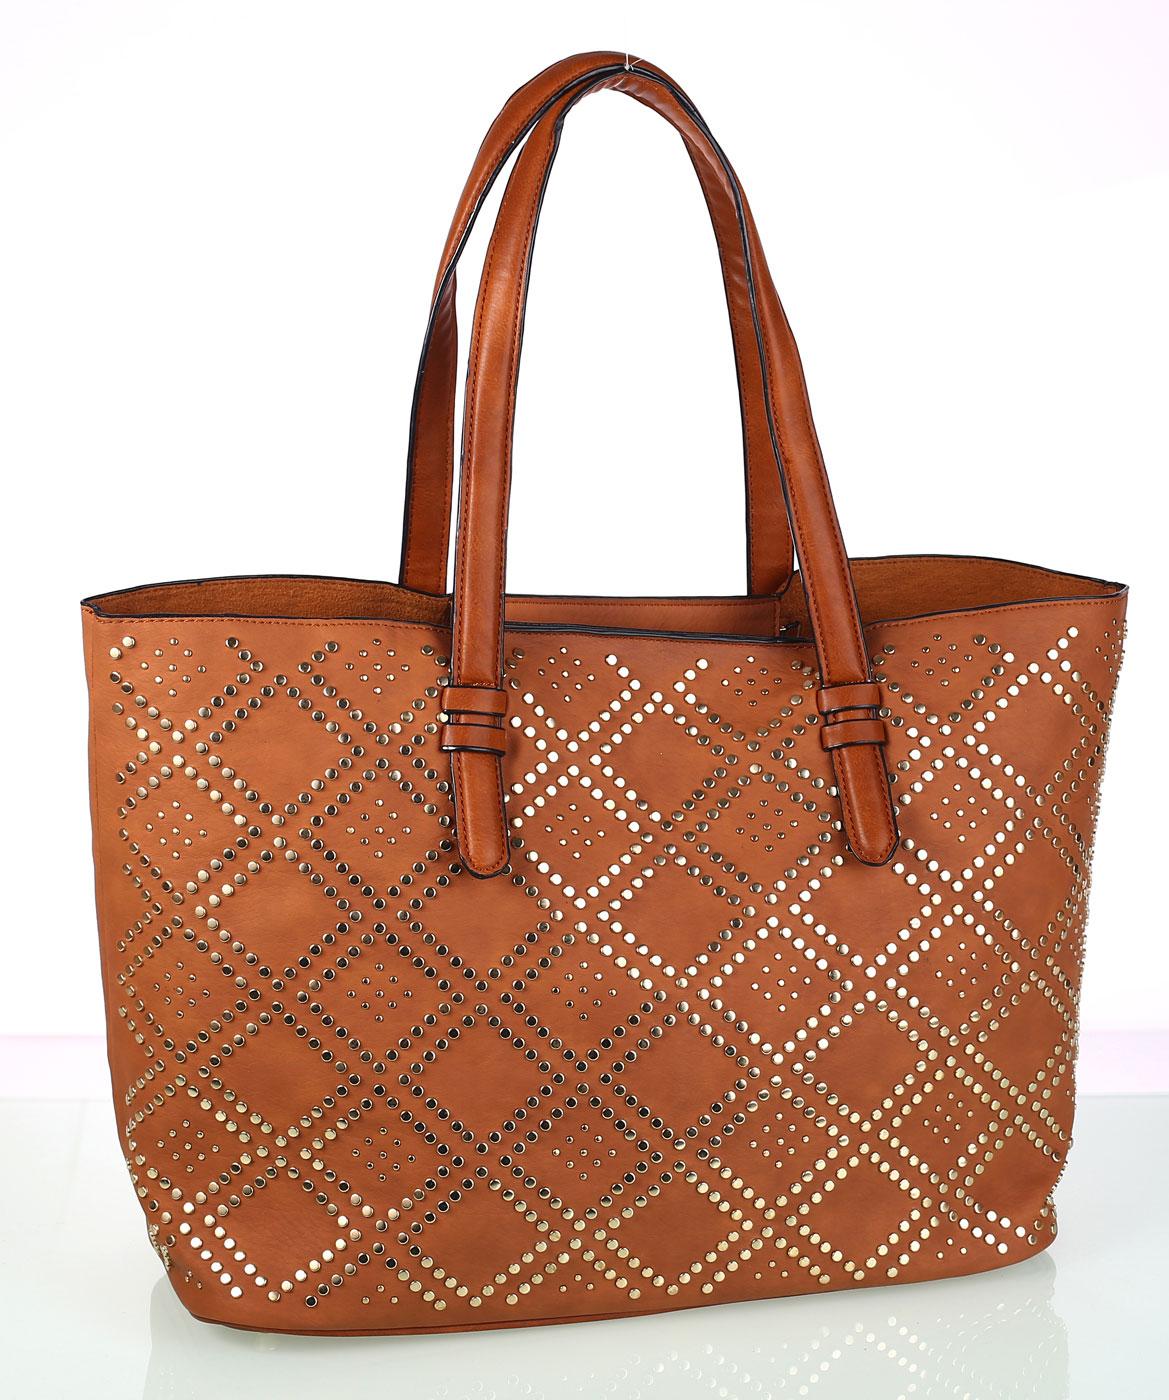 Dámska kabelka z eko kože Kbas s ozdobným vzorom hnedá  b5f46e4c0a4